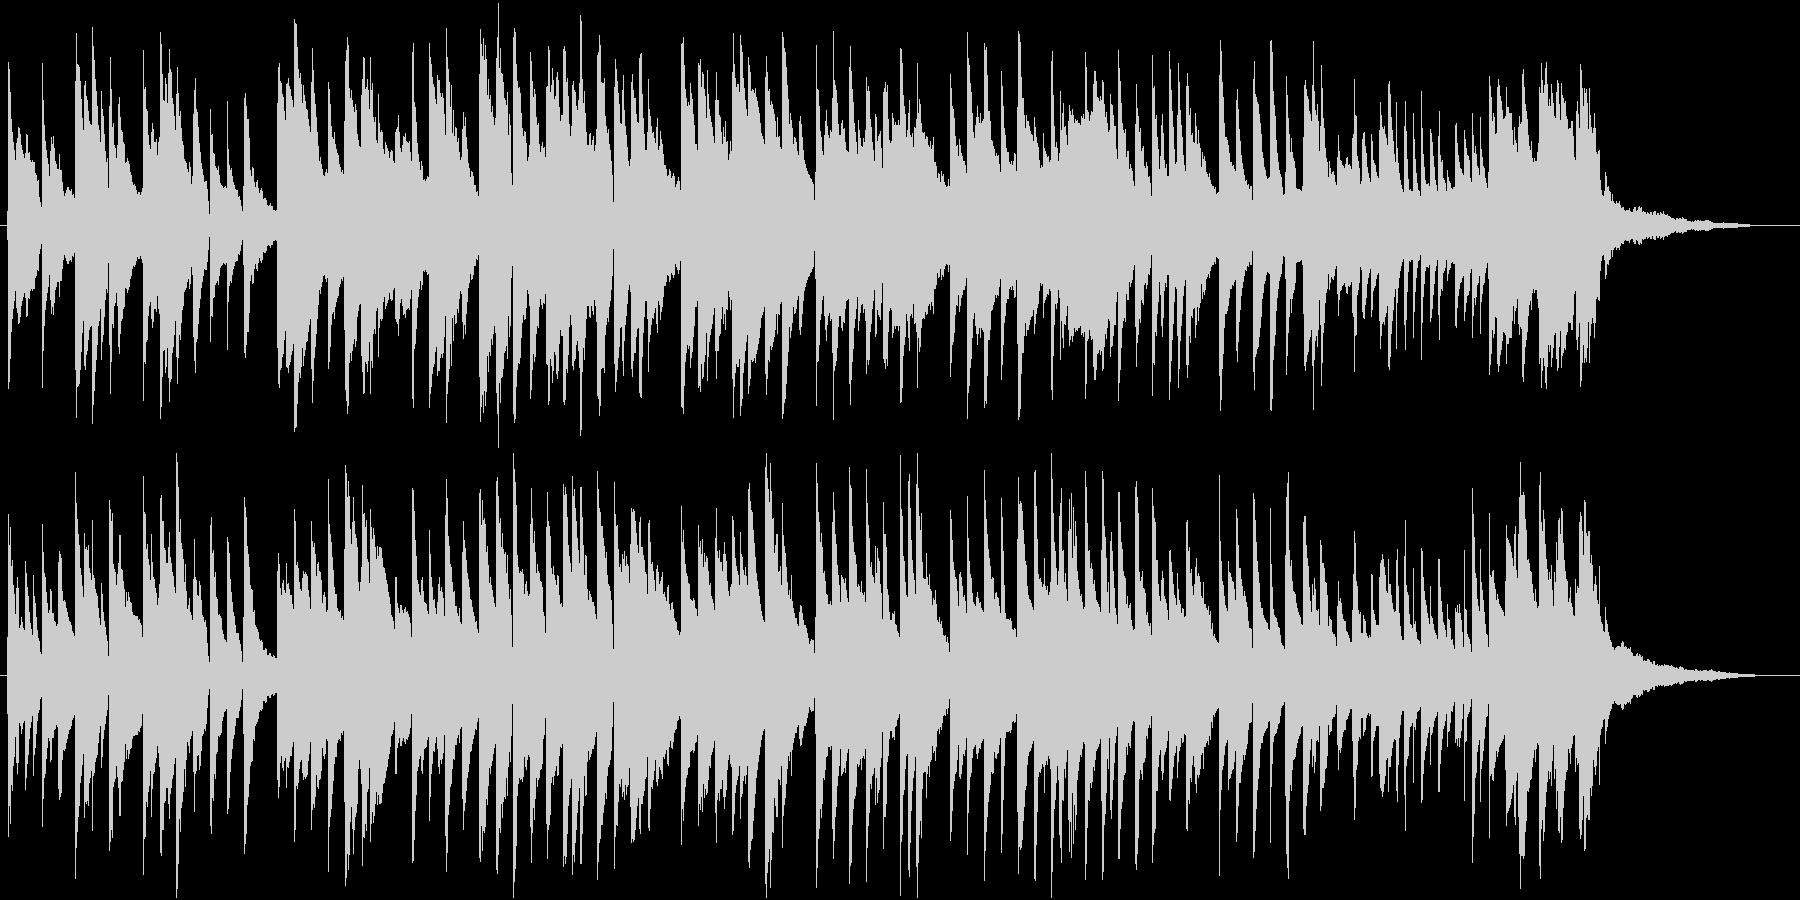 「七夕さま」をロマンチックなピアノソロでの未再生の波形